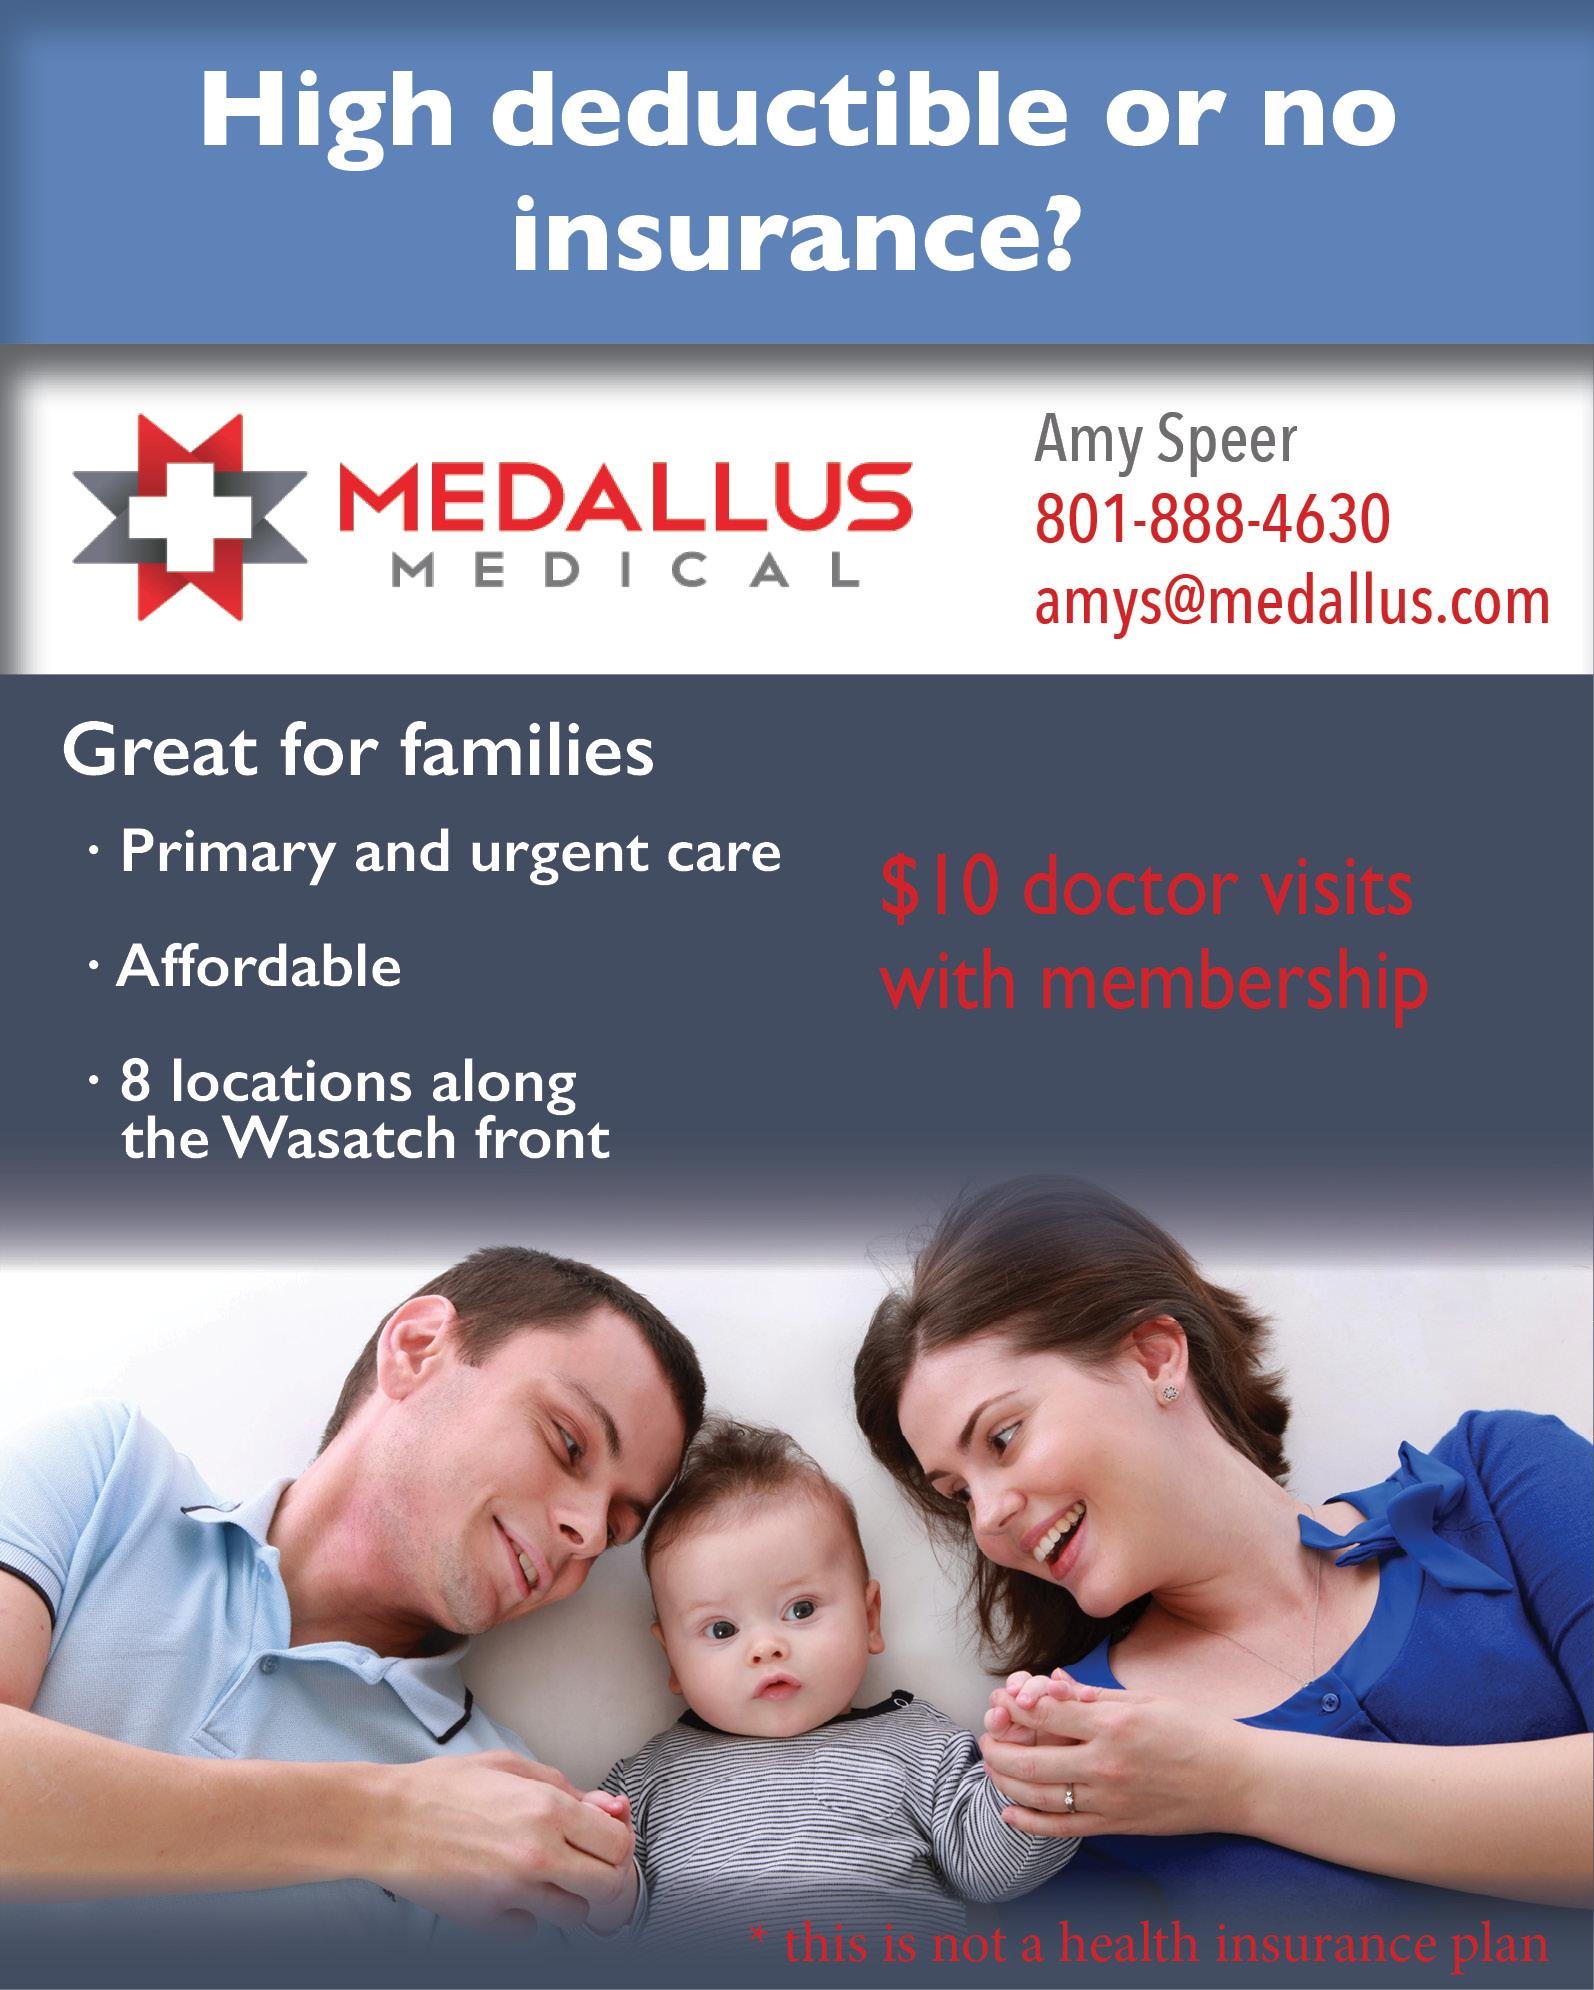 Medallus Medical online